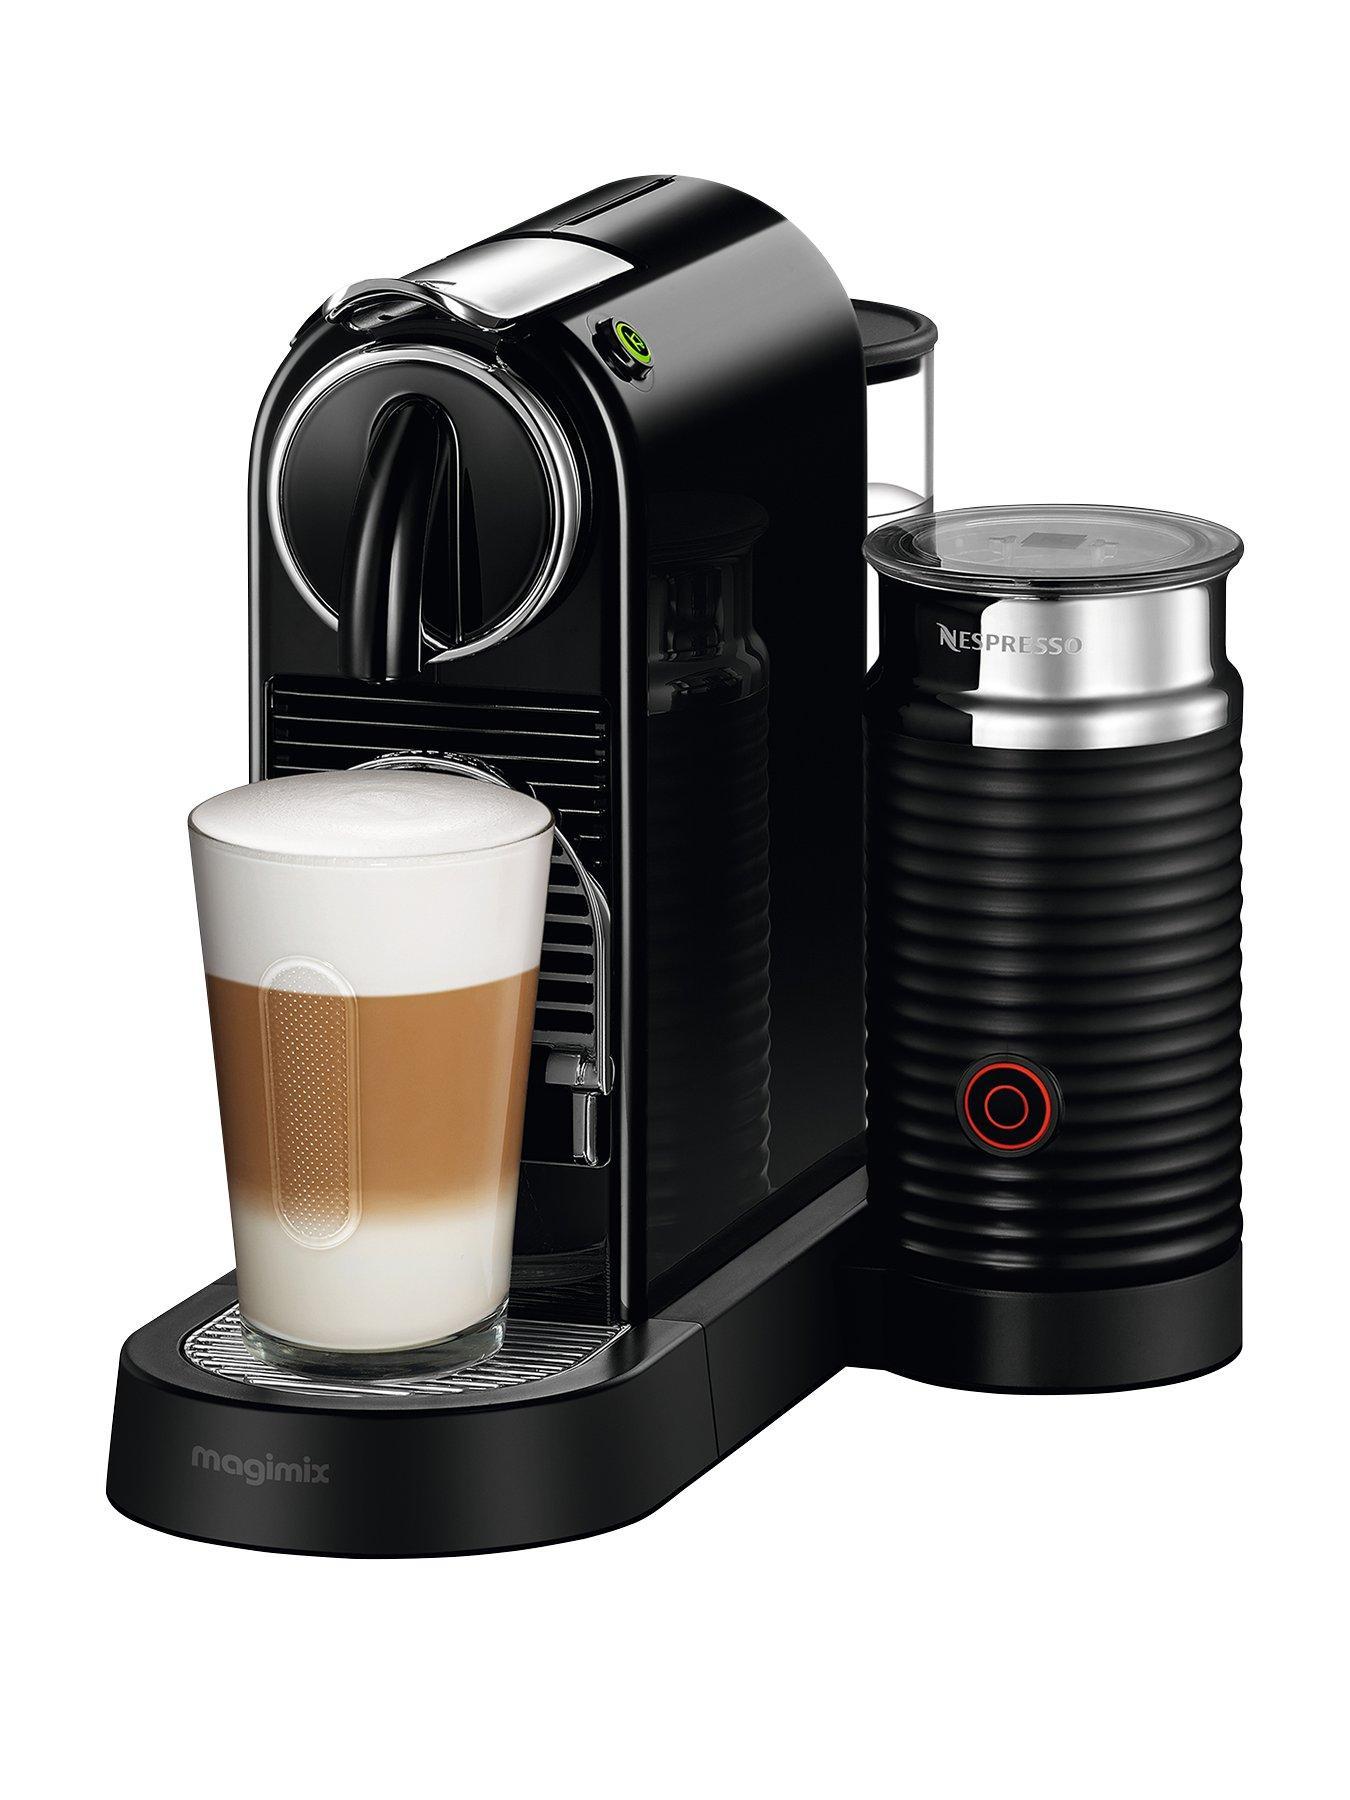 Nespresso Citiz U0026 Milk Coffee Machine By Magimix   Black